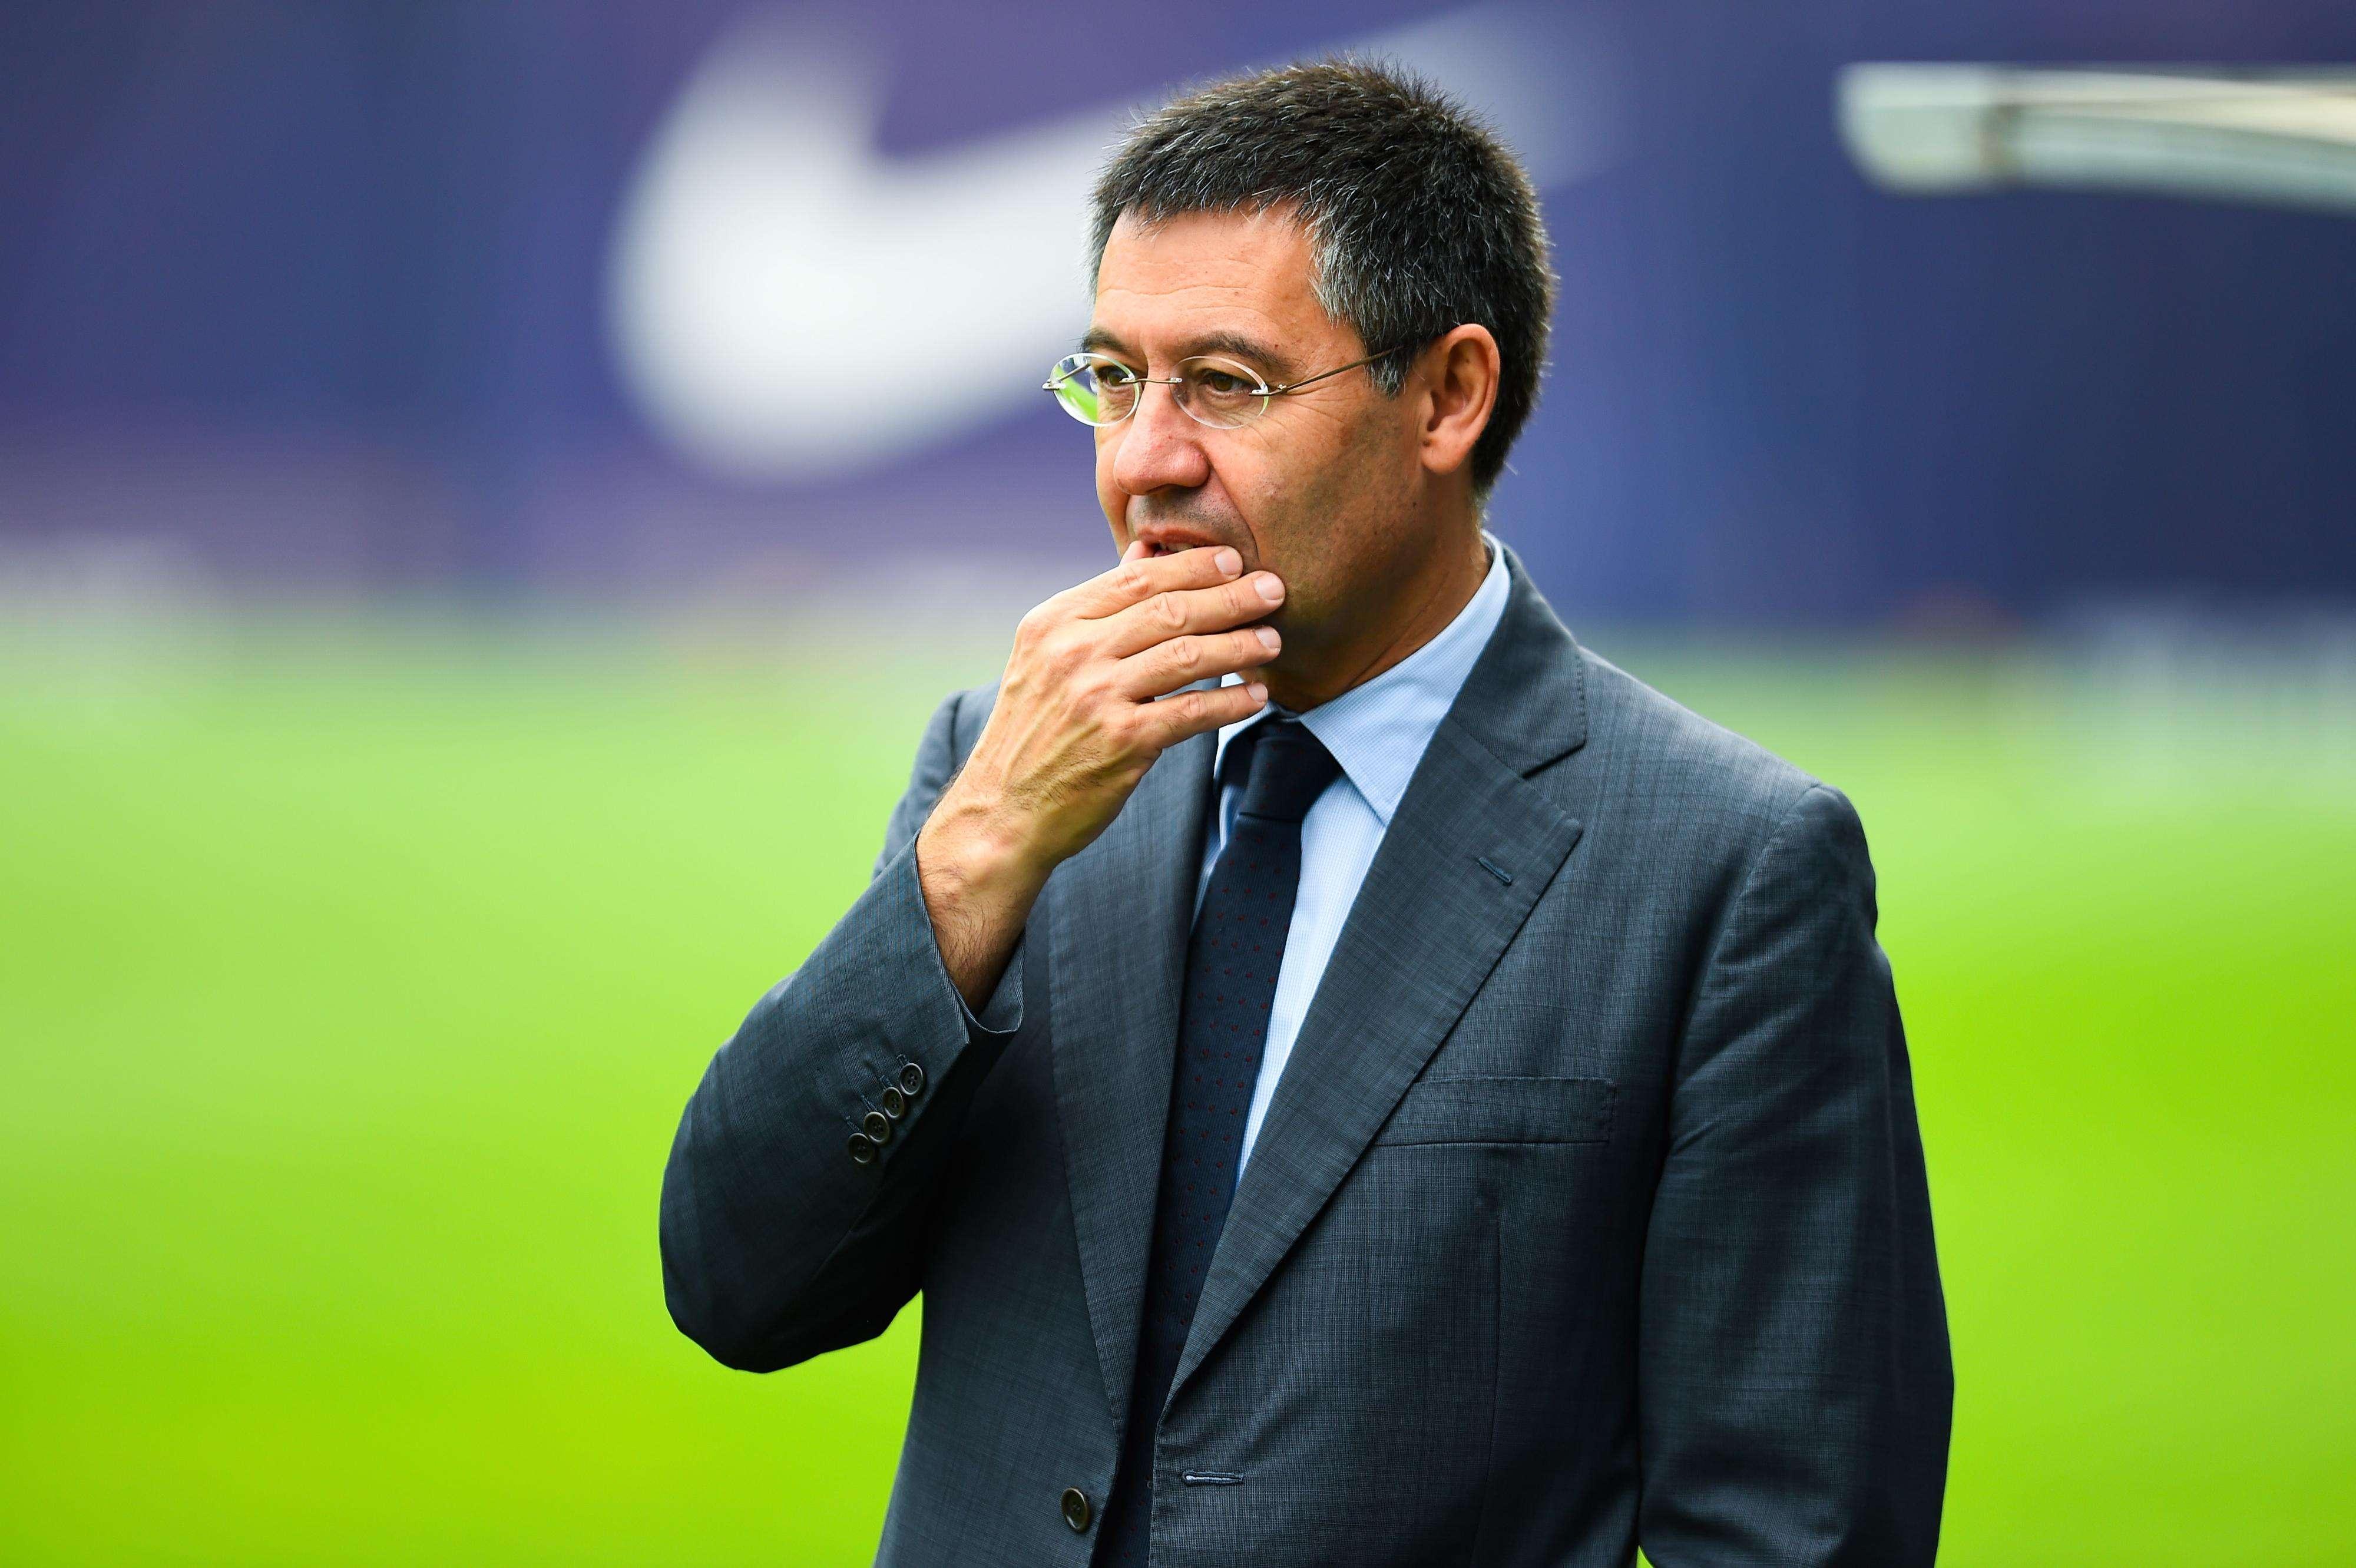 El presidente del FC Barcelona, Josep María Bartomeu. Foto: Getty Images